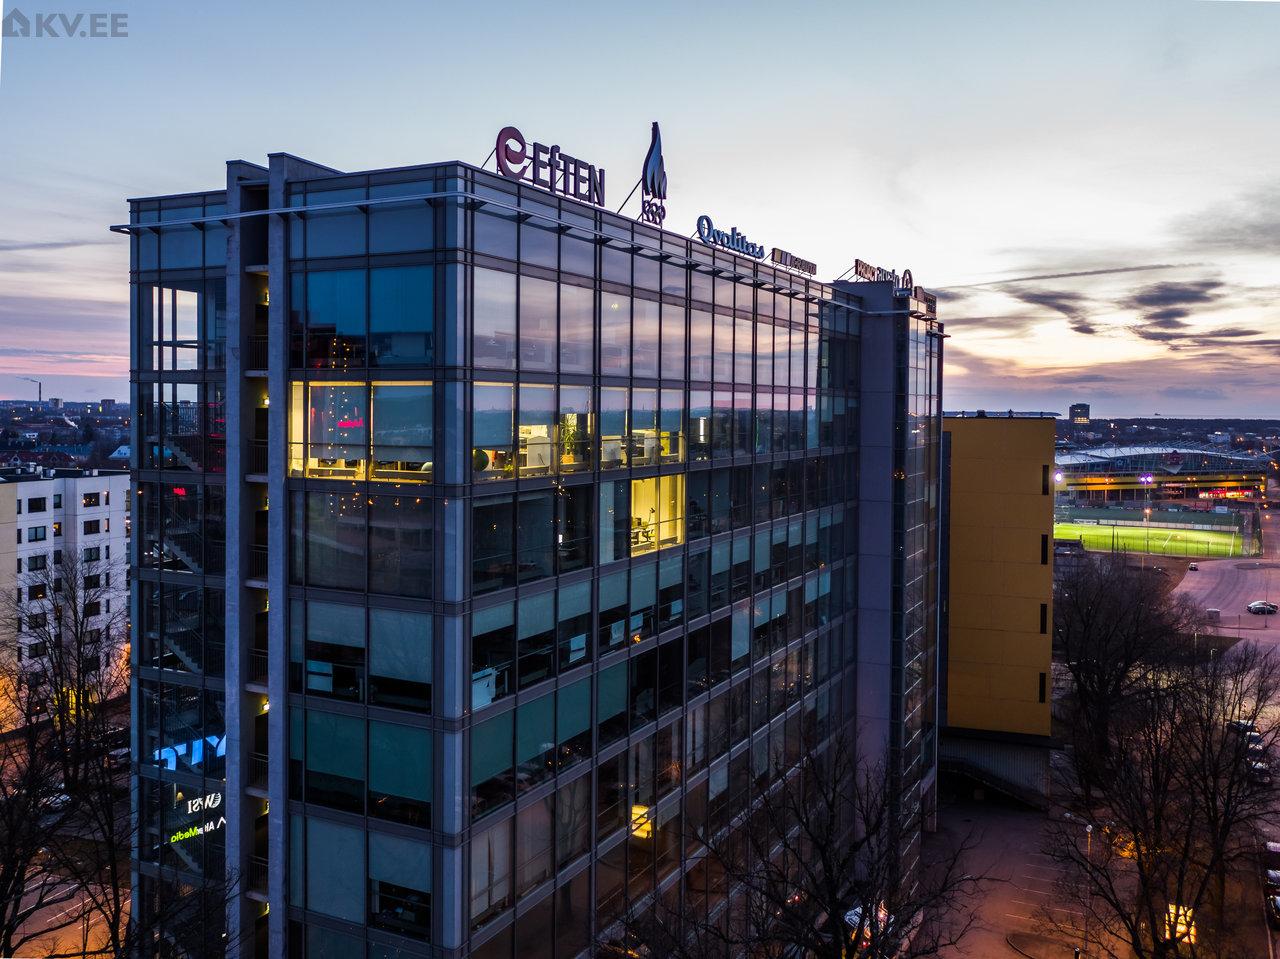 EfTEN Real Estate Fund III kuulutab välja avaliku aktsiaemissiooni